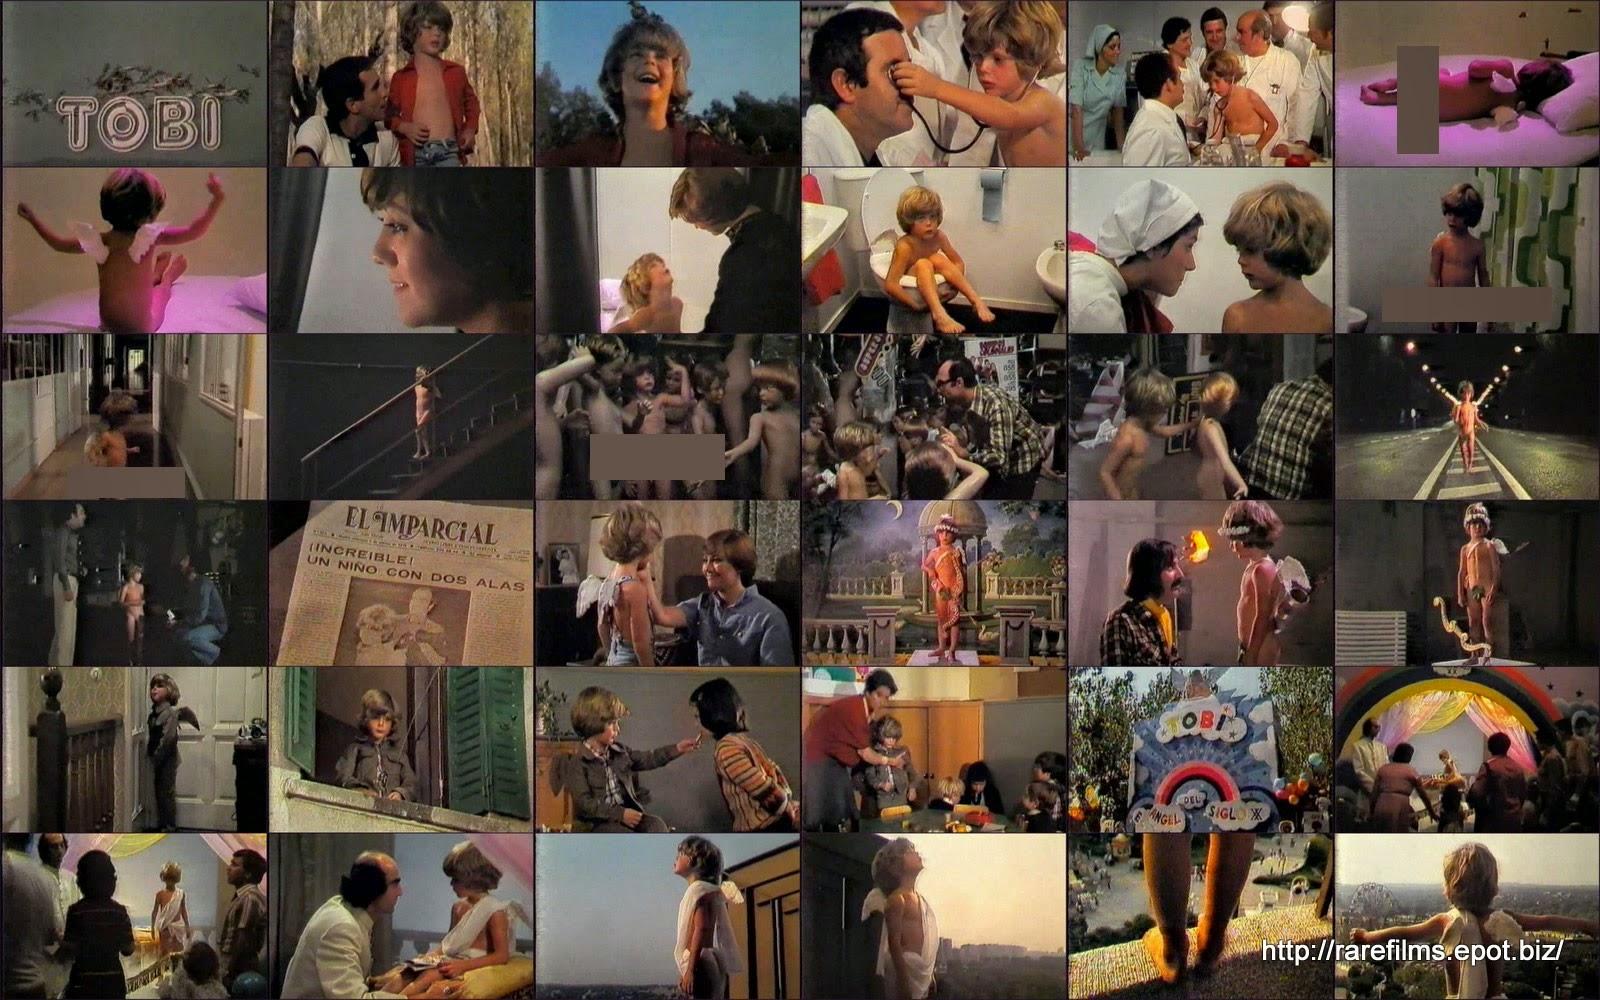 Тоби / Тоби, ребёнок с крыльями / Tobi / Tobi, el niño con alas. 1978.